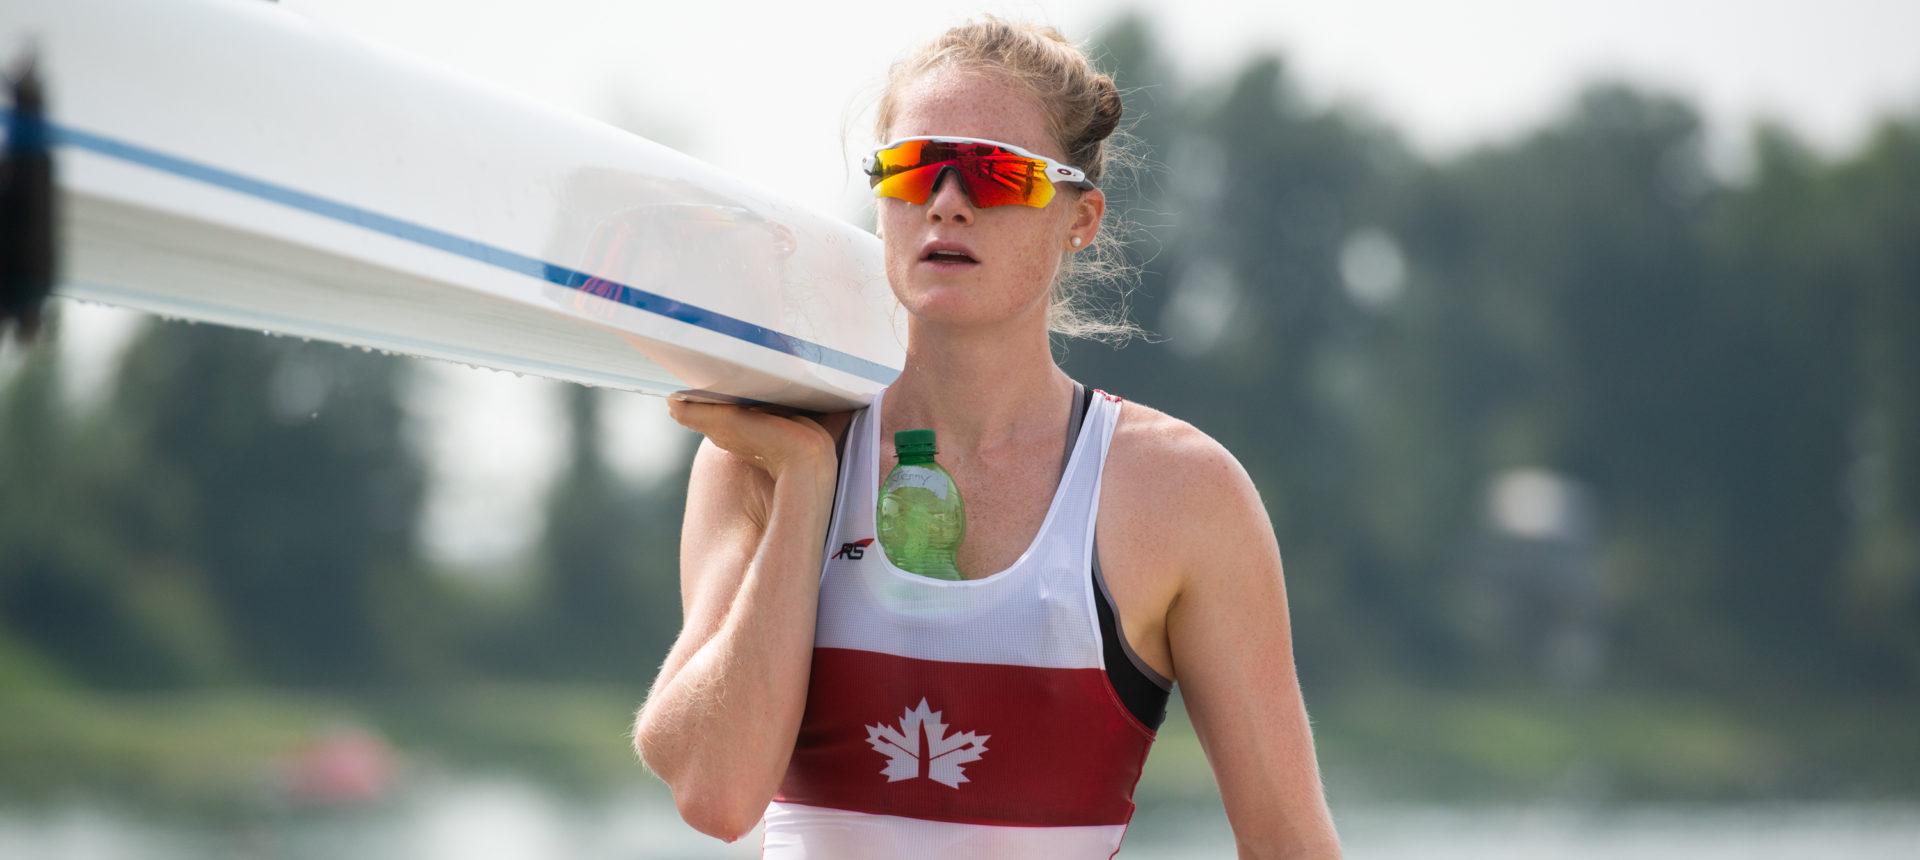 Les rameurs canadiens passent en demi-finales à Linz